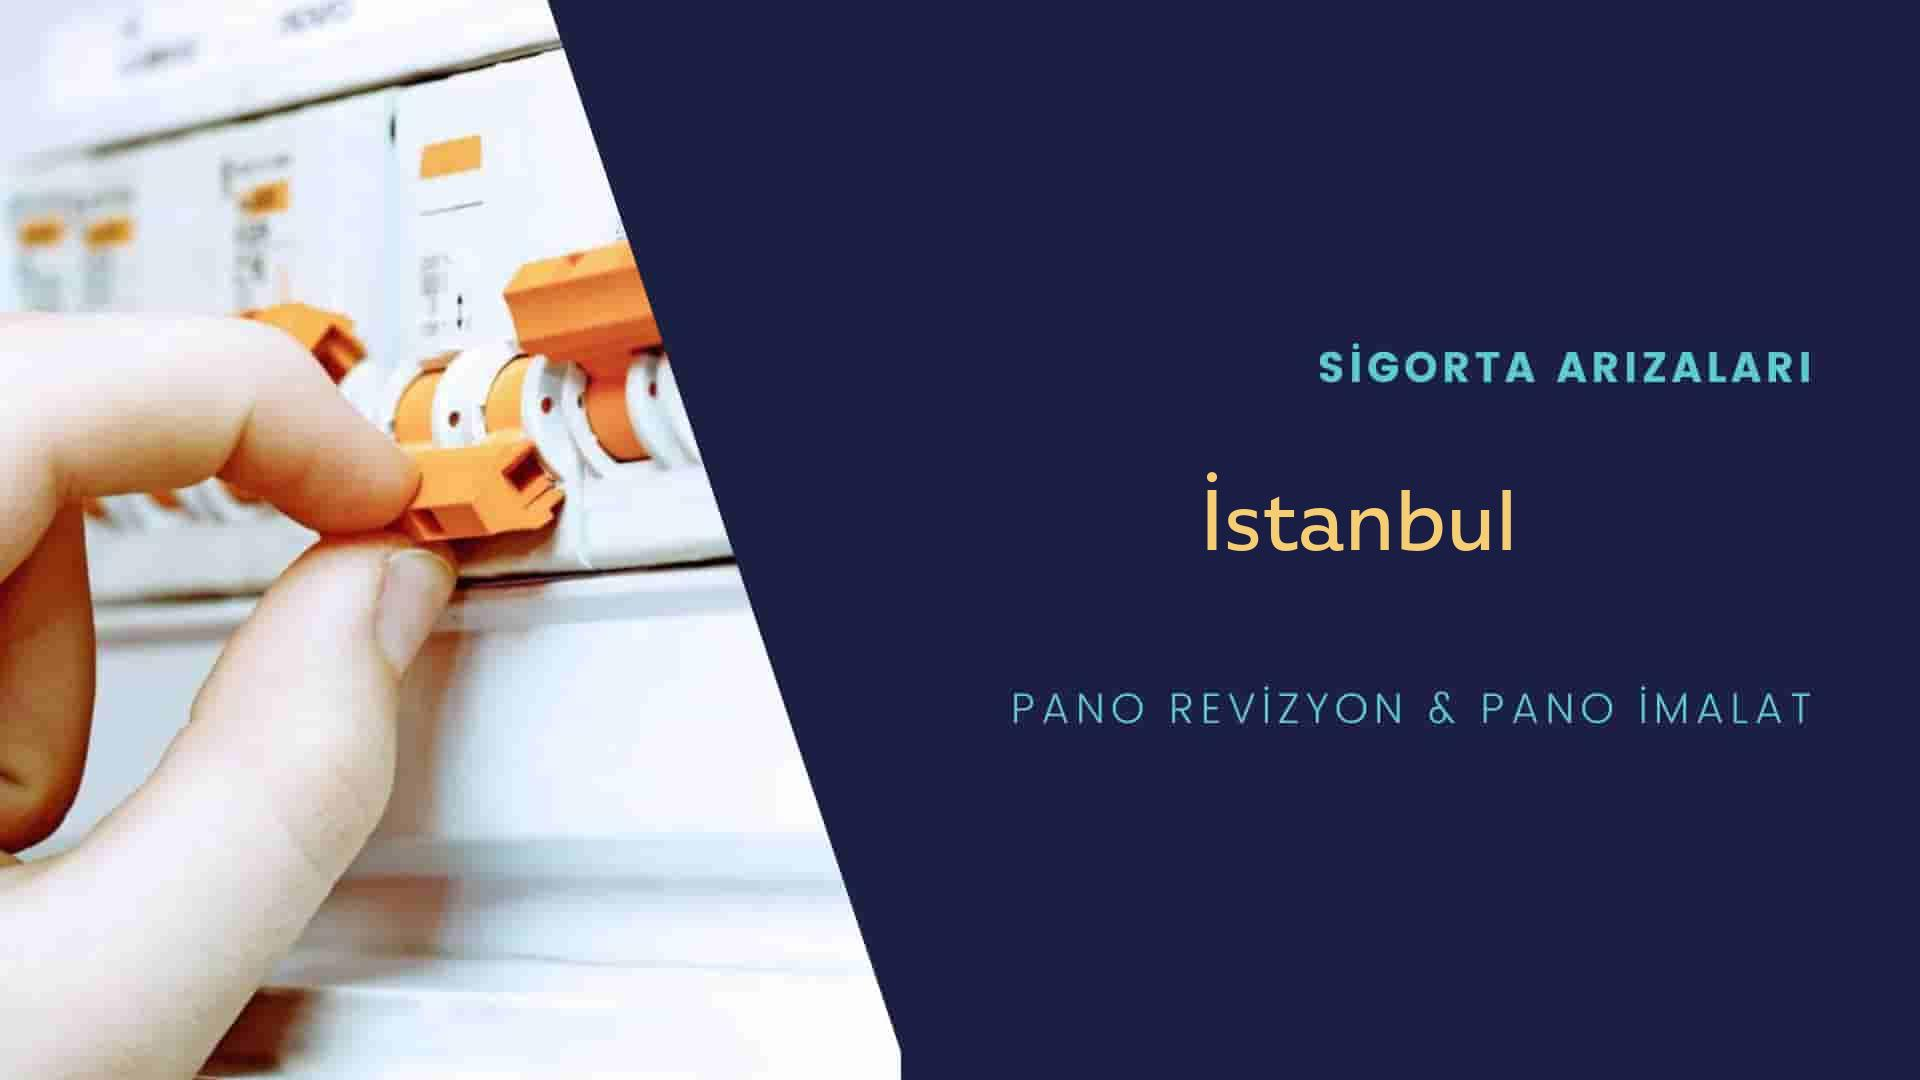 İstanbul Sigorta Arızaları İçin Profesyonel Elektrikçi ustalarımızı dilediğiniz zaman arayabilir talepte bulunabilirsiniz.